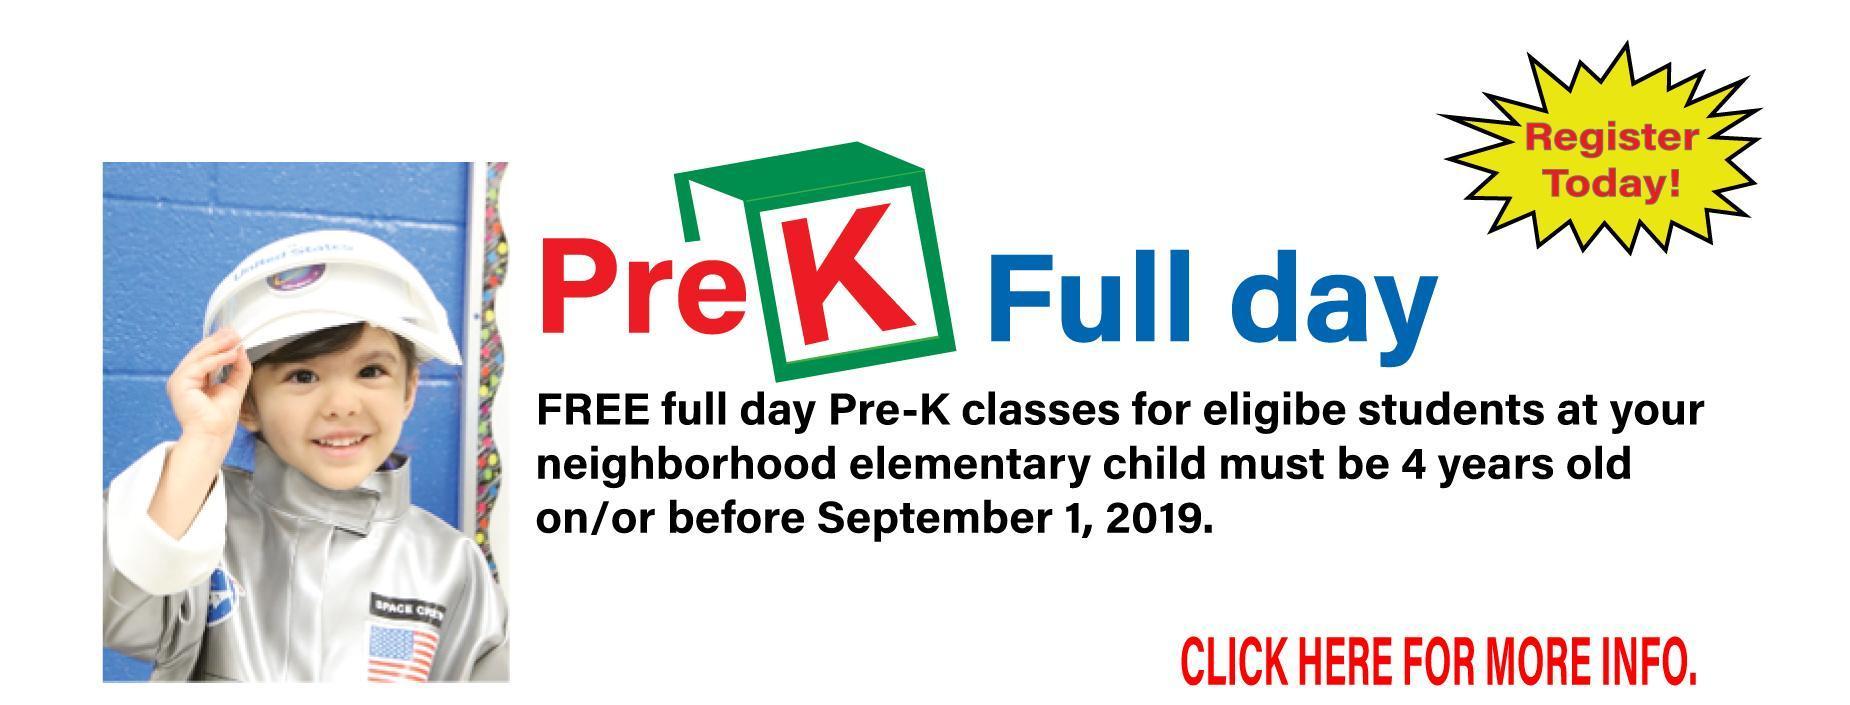 Pre-K Full day